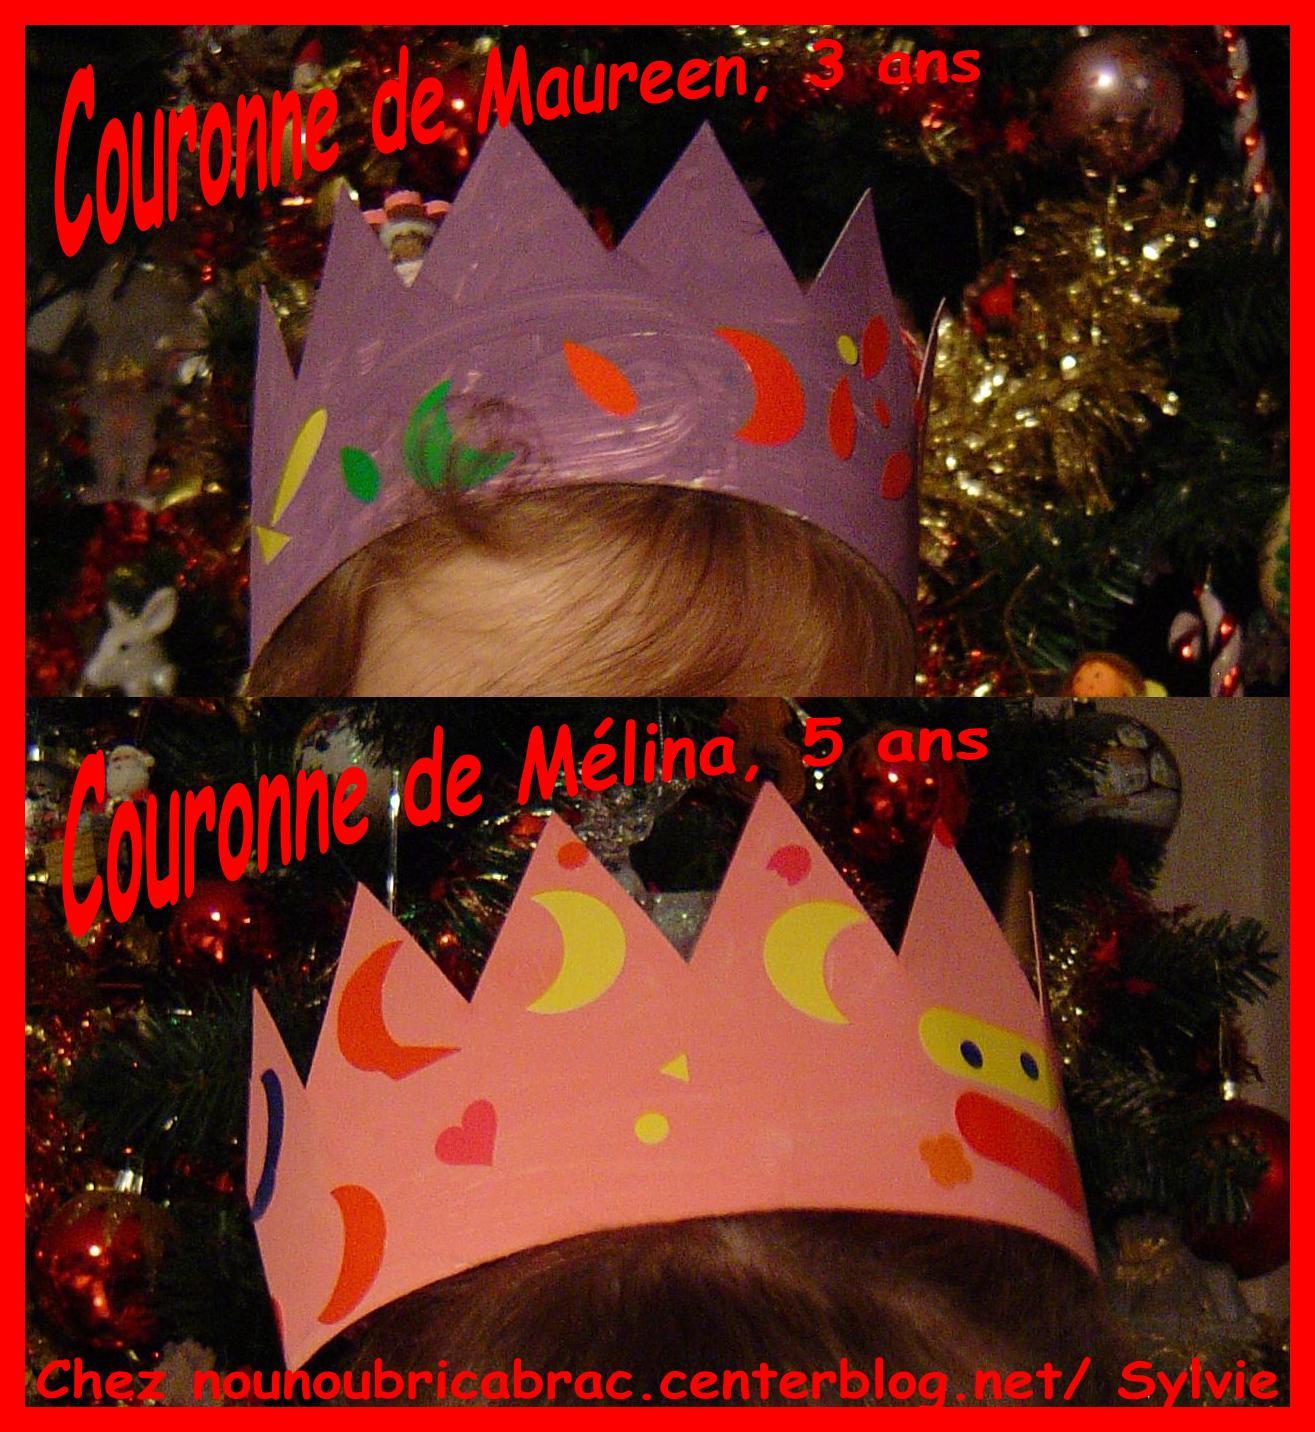 Couronne des rois... pour Maureen et Mélina !